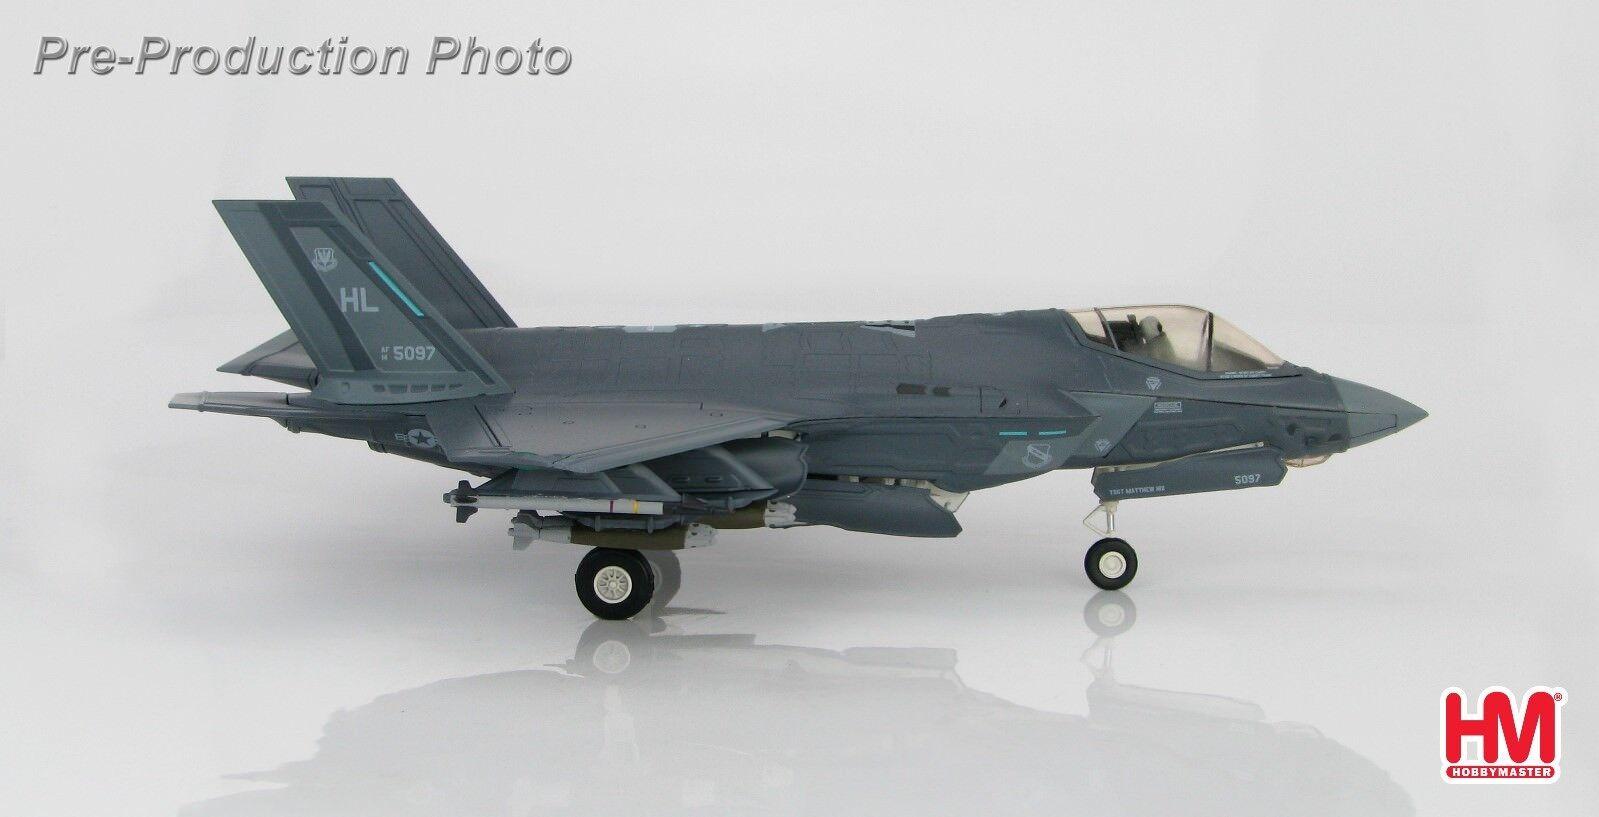 Hobby Master 172 Lockheed HA4413 Lockheed F-35A Lakenheath 2018 MIB